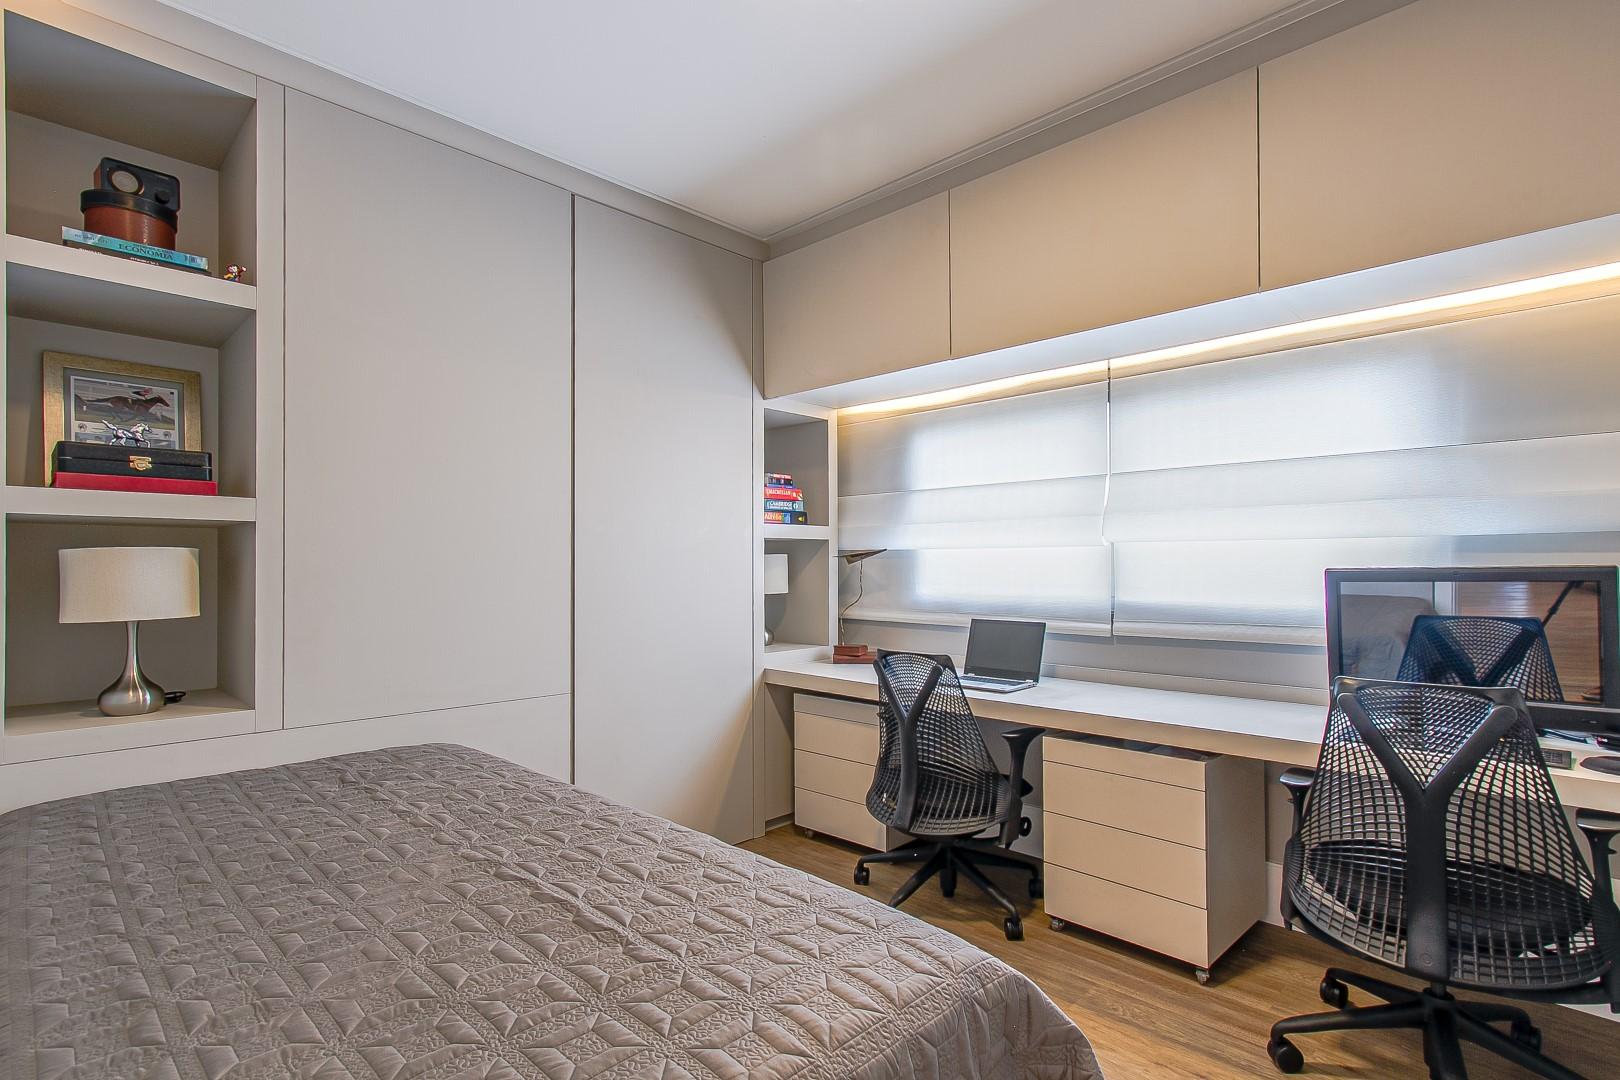 O quarto de apoio e hóspedes também ganhou uso para home office, com uma grande bancada de trabalho. Foto: Francis Larsen / Divulgação